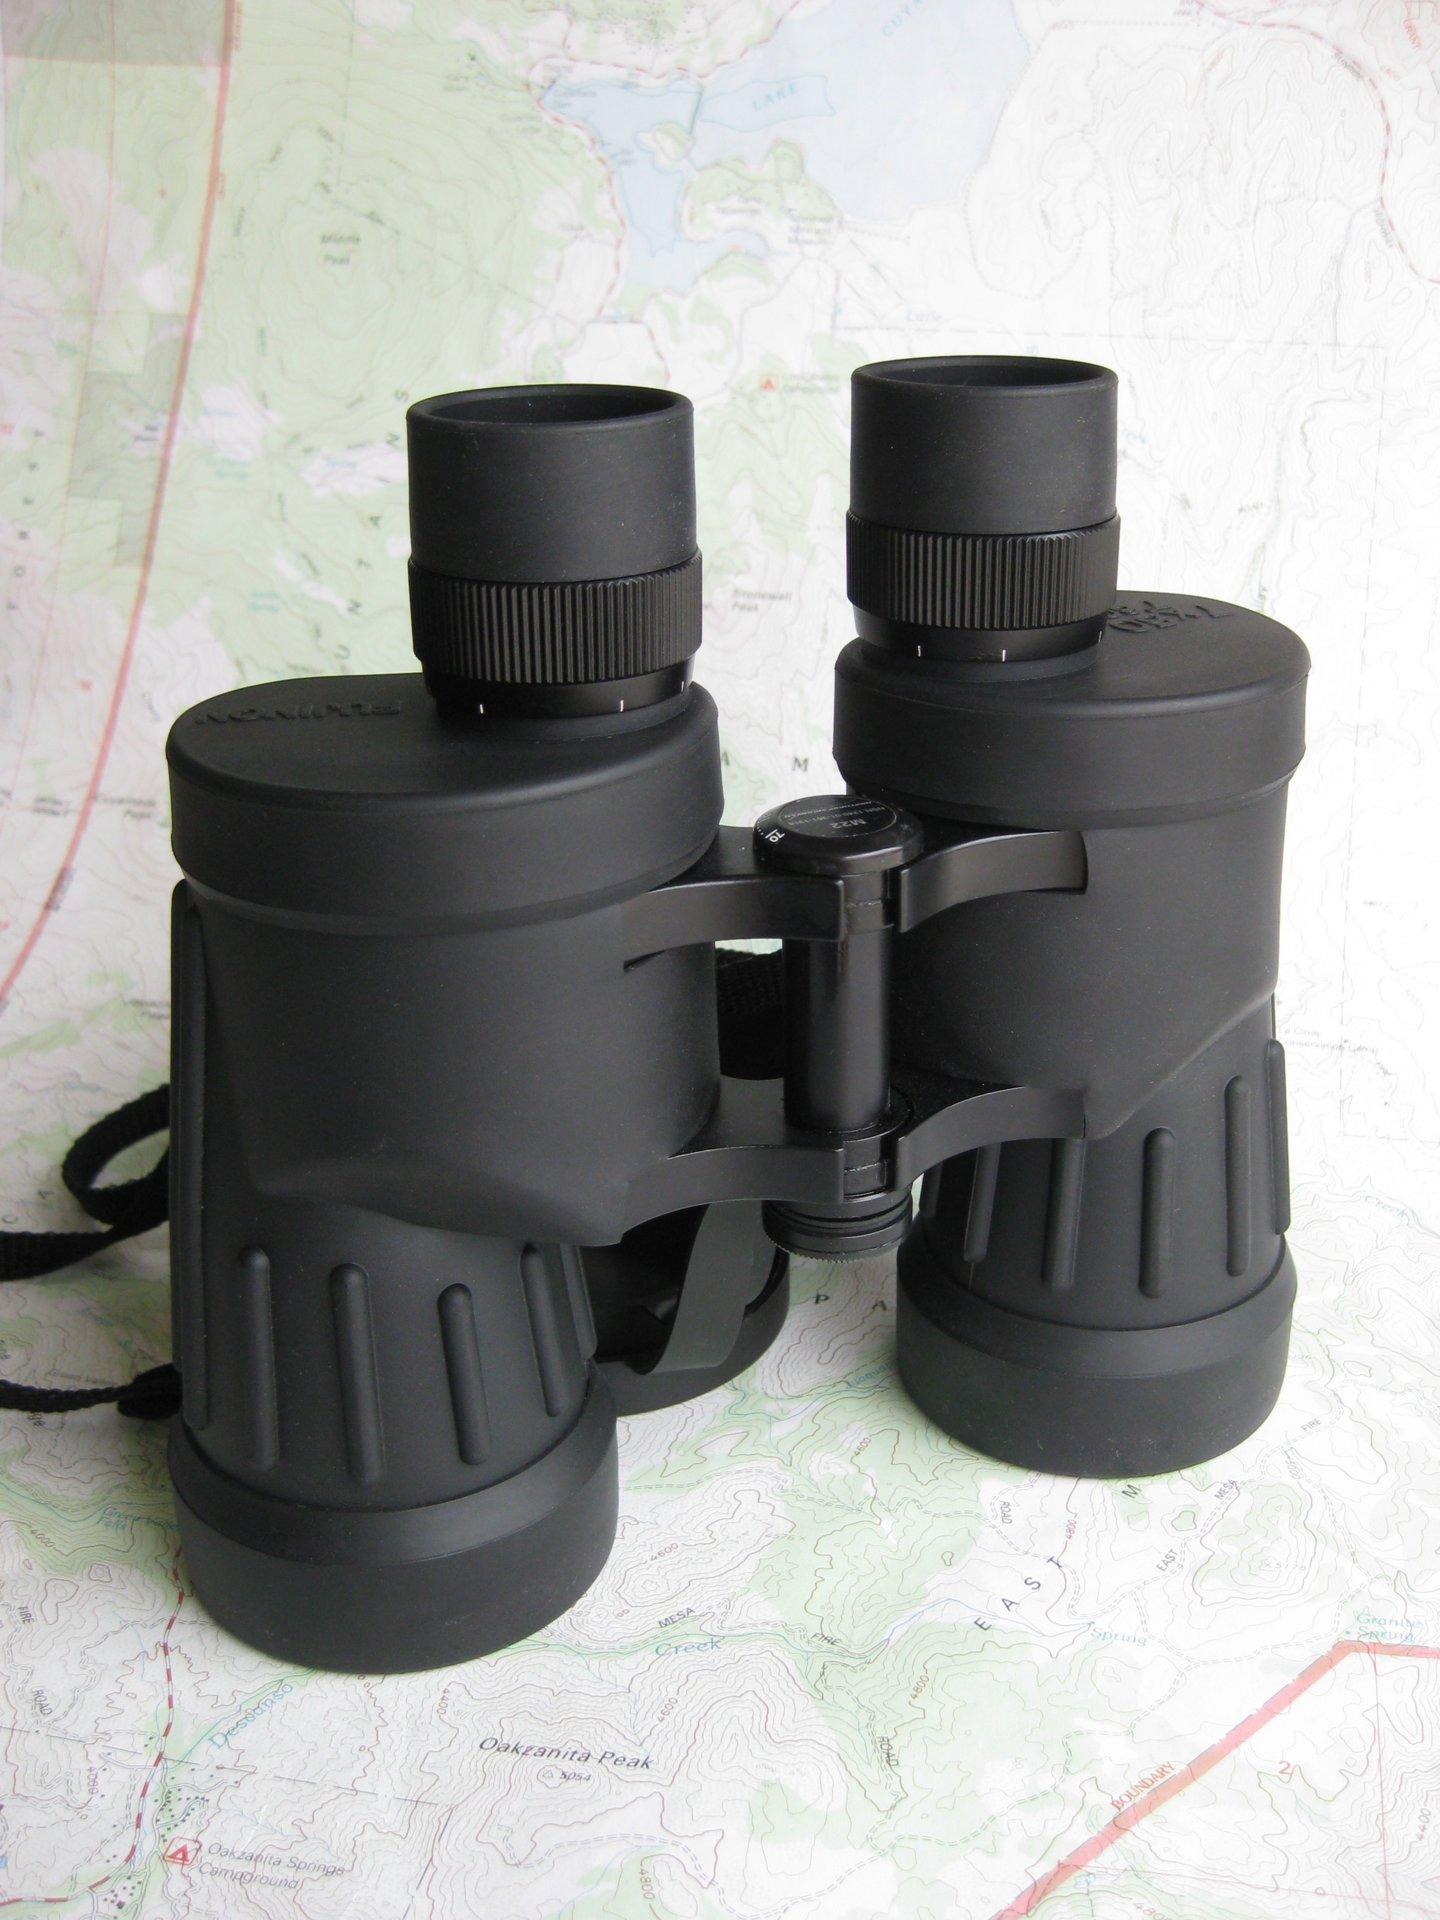 fujinon m22 7x50 binoculars manual